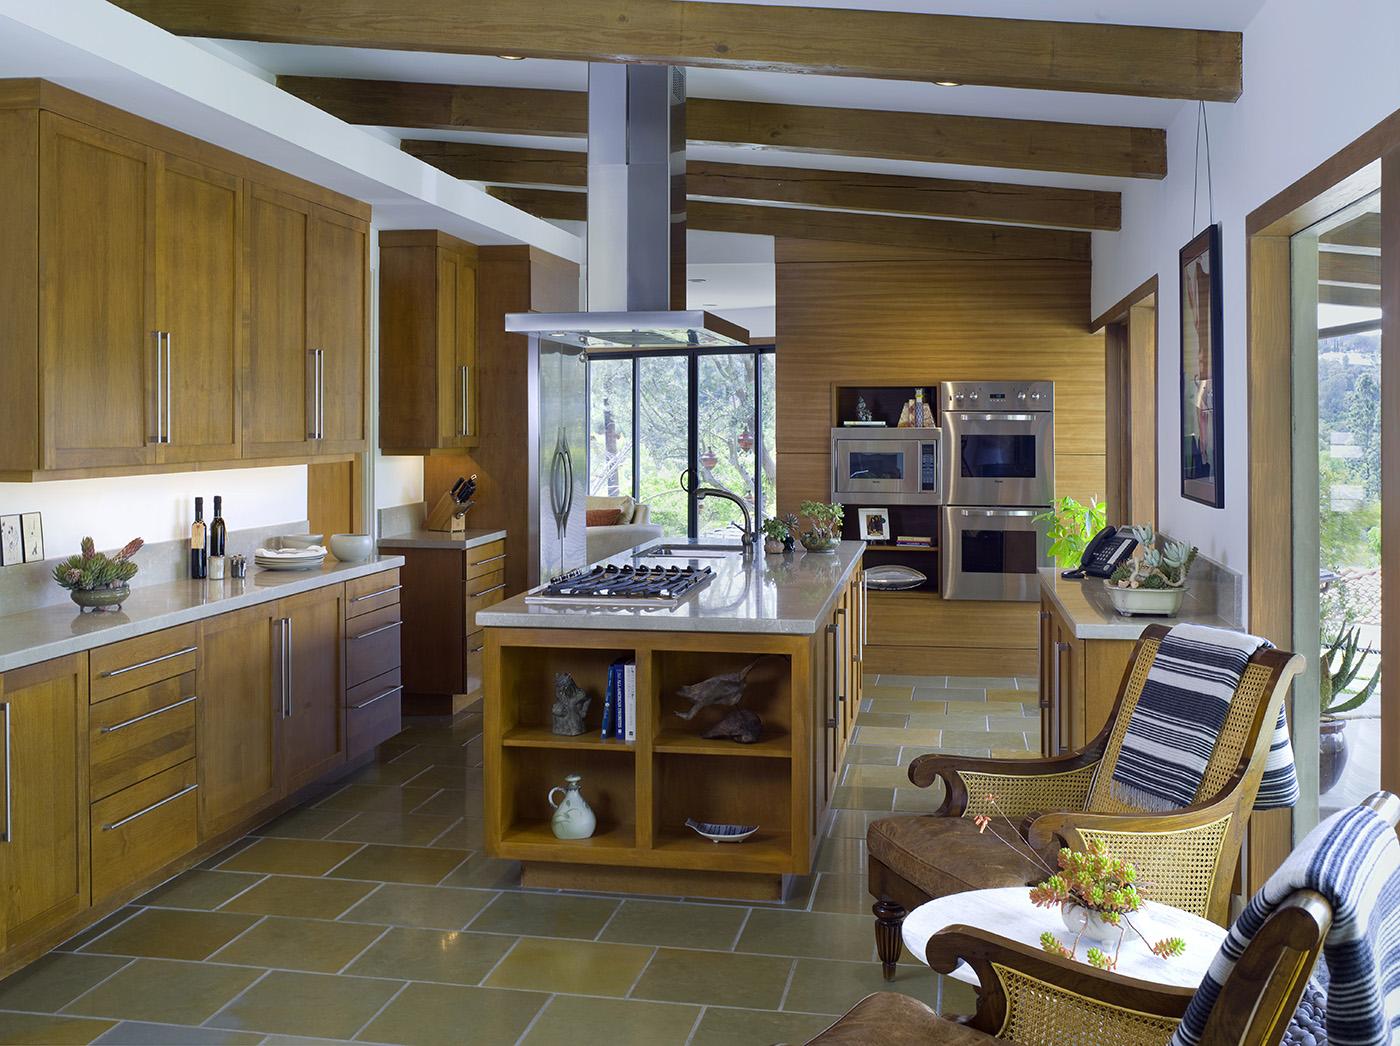 Zen style kitchen interior design for Zen style kitchen designs